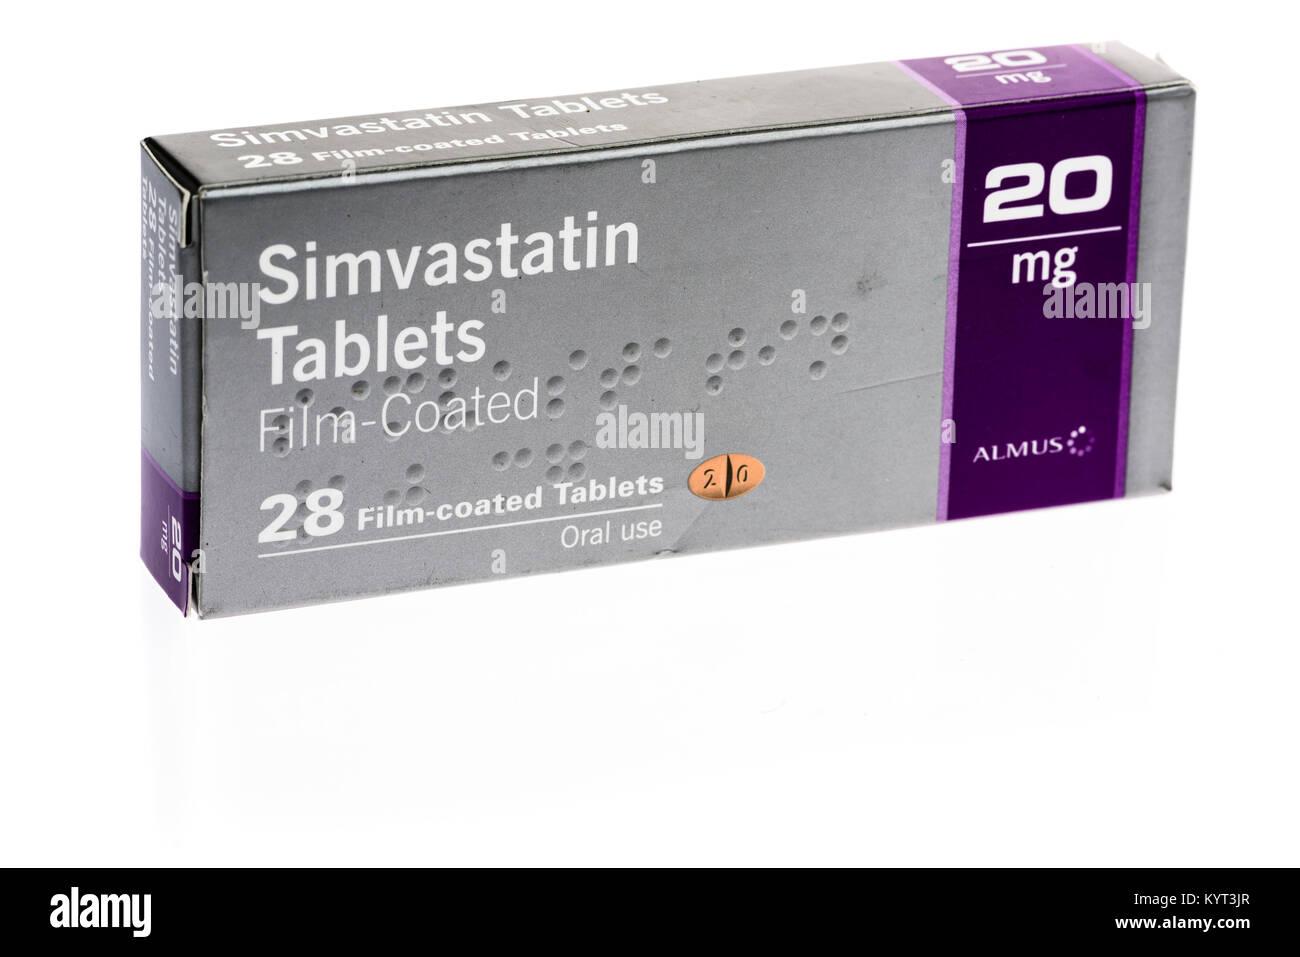 Simvastatina comprimidos estatina para reducir el colesterol en la sangre y el riesgo de enfermedad cardíaca. Foto de stock